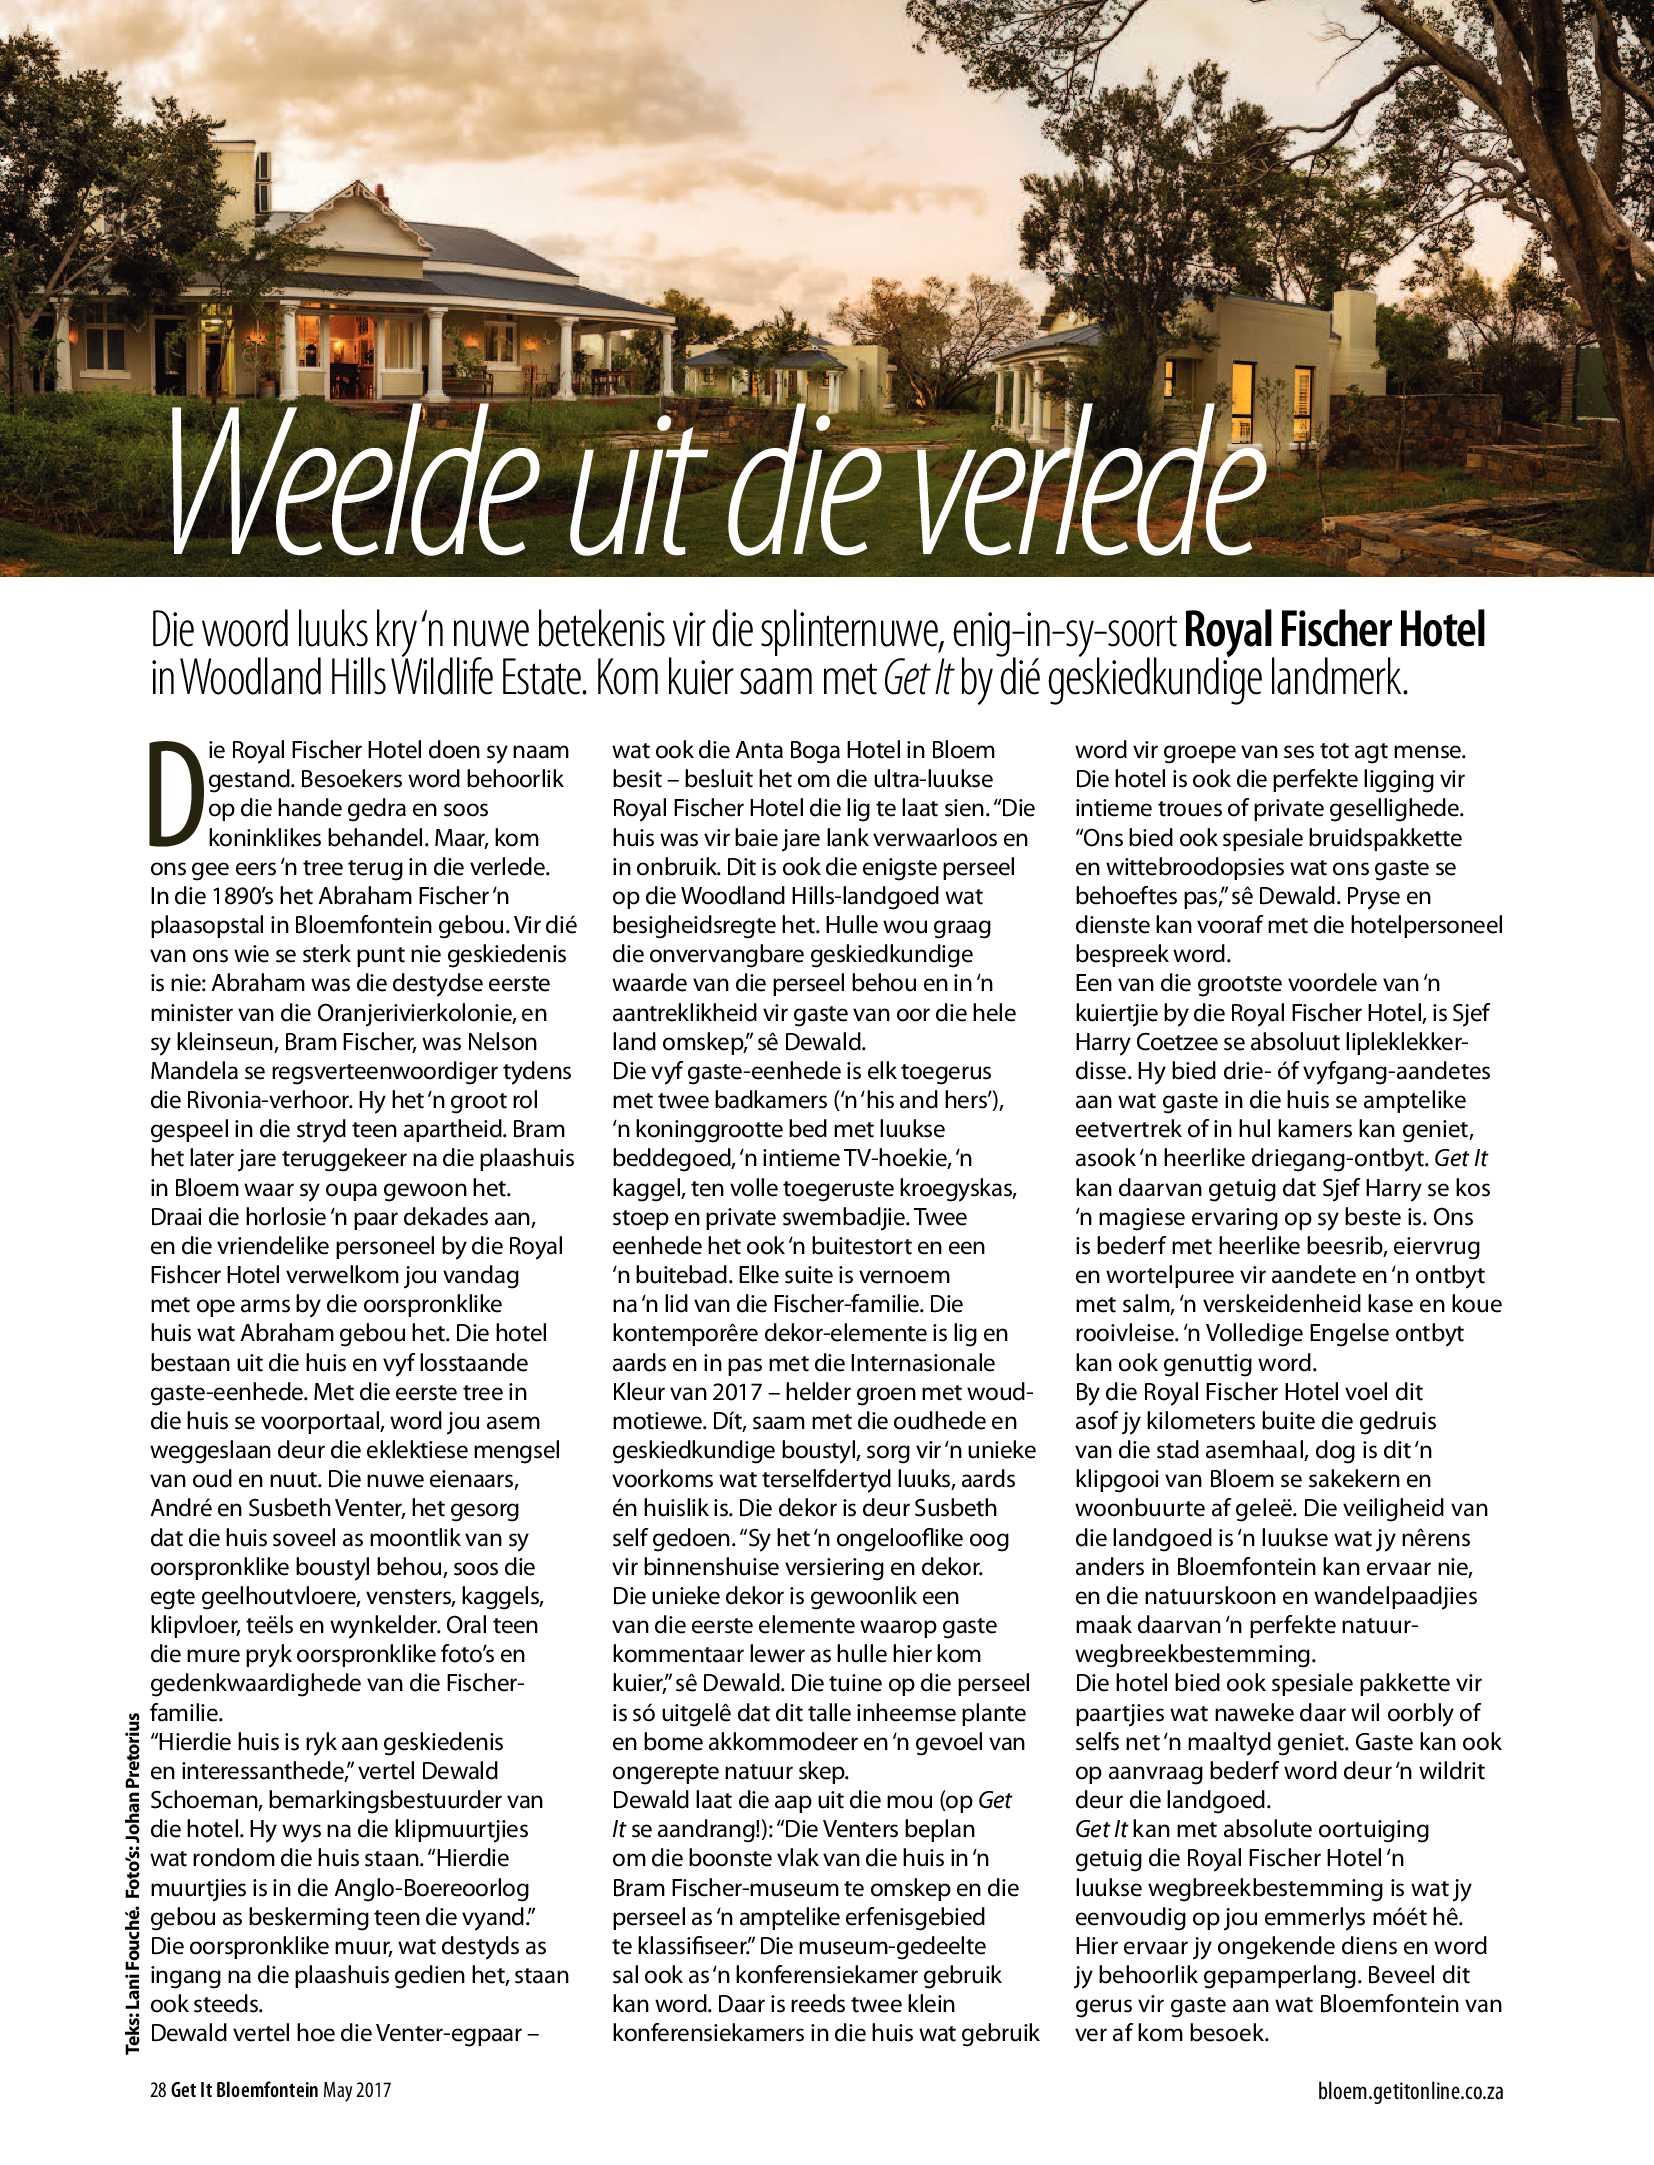 get-bloemfontein-may-2017-epapers-page-30